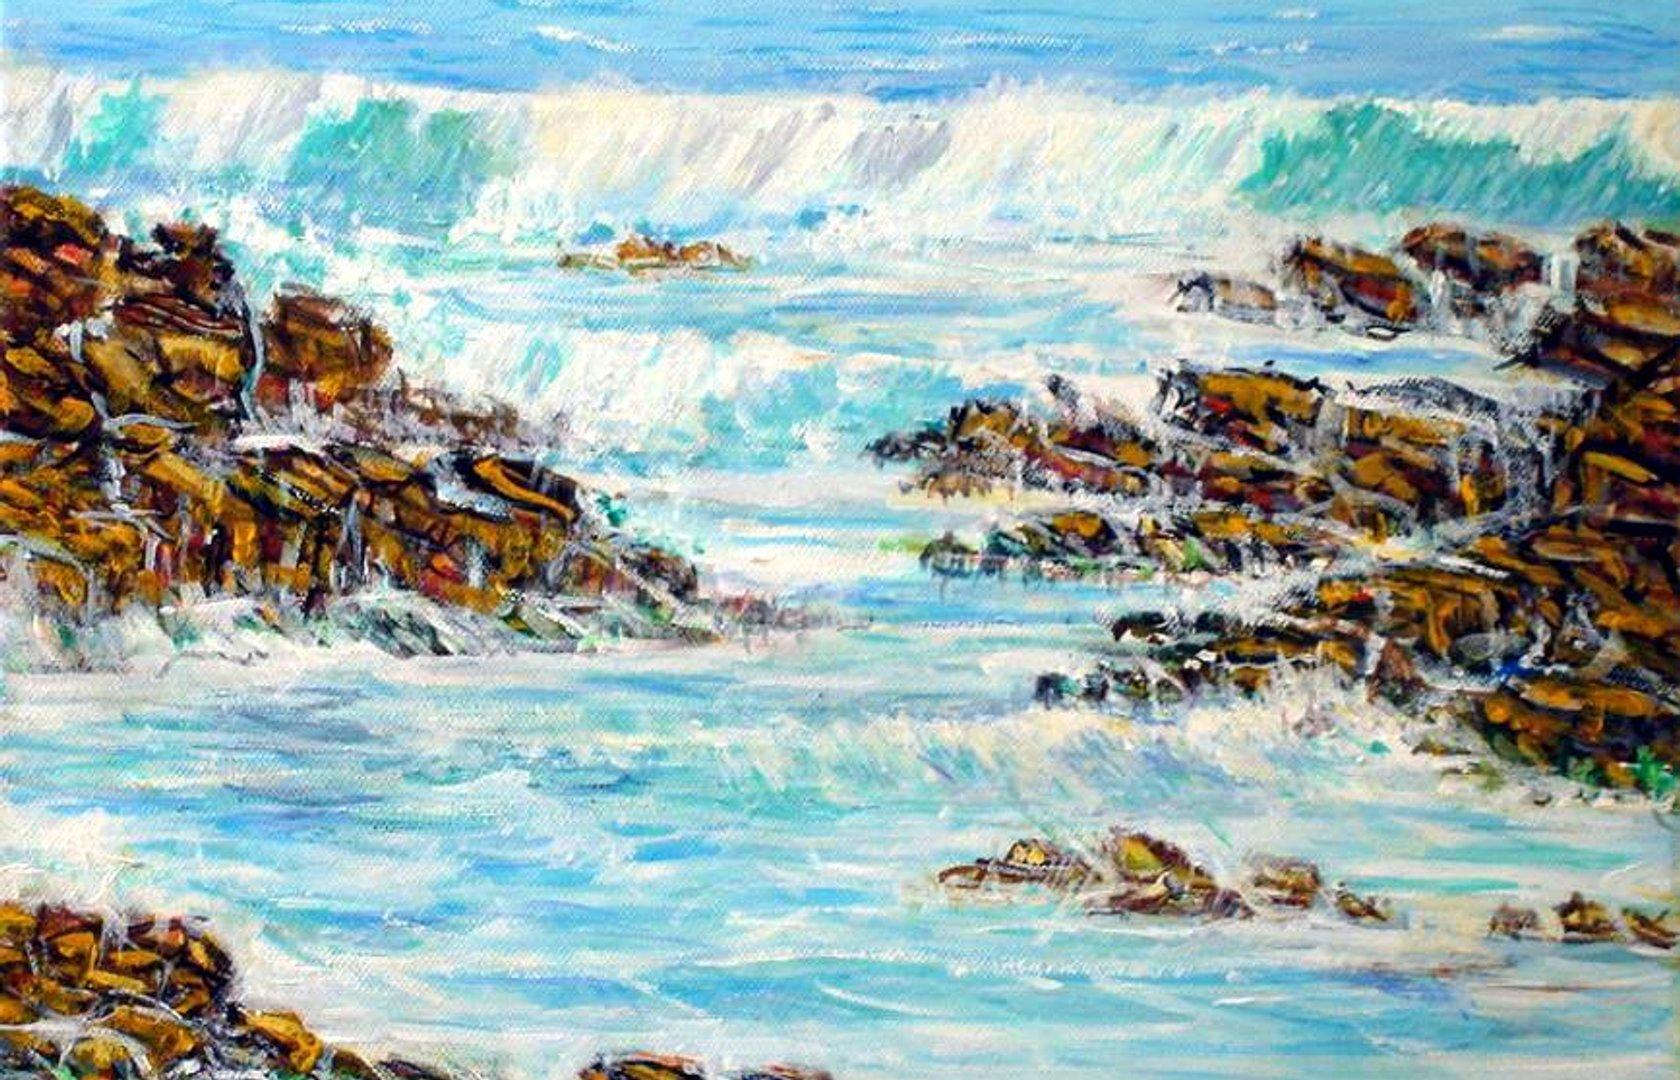 Peindre Les Vagues, L'océan | Pearltrees concernant Dessin De Vague A Imprimer